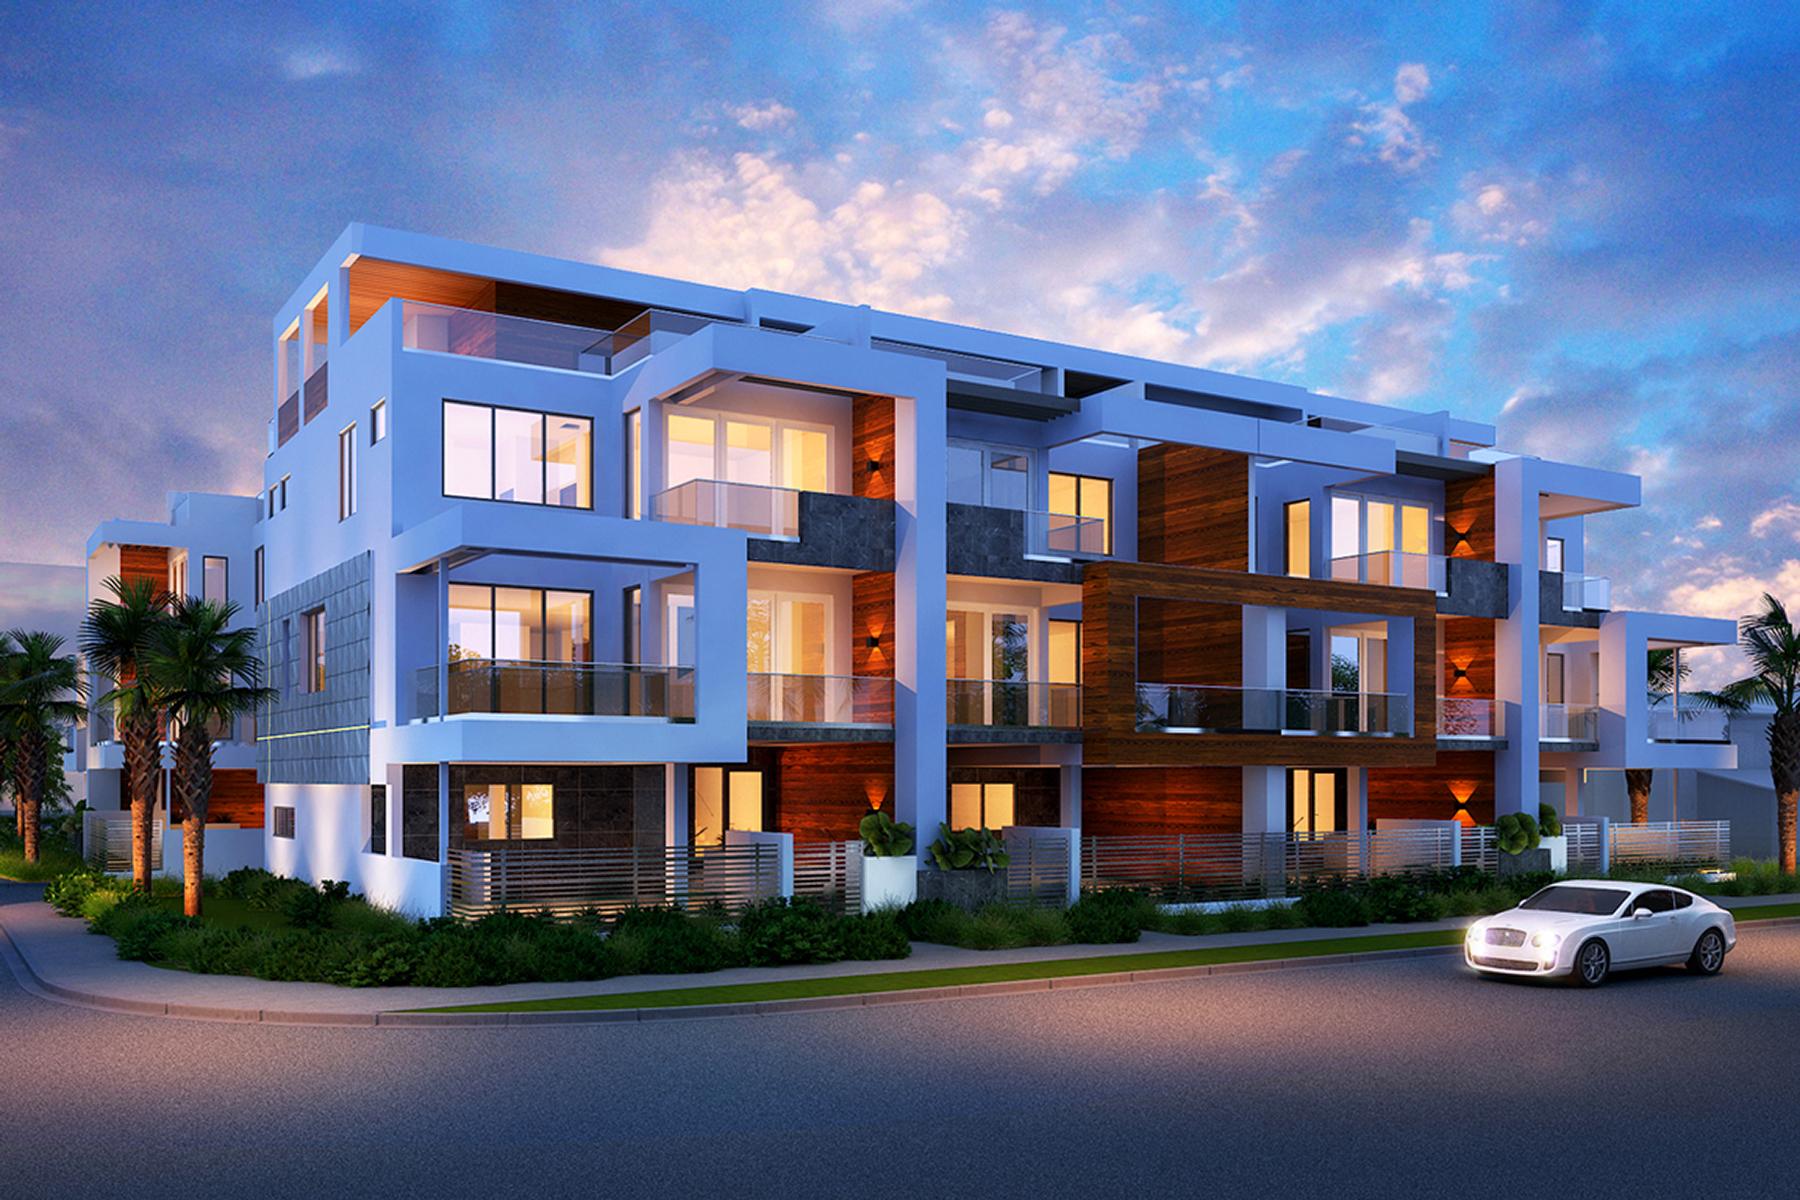 Stadthaus für Verkauf beim ALLURE 111 Golden Gate Pt 3 Sarasota, Florida, 34236 Vereinigte Staaten